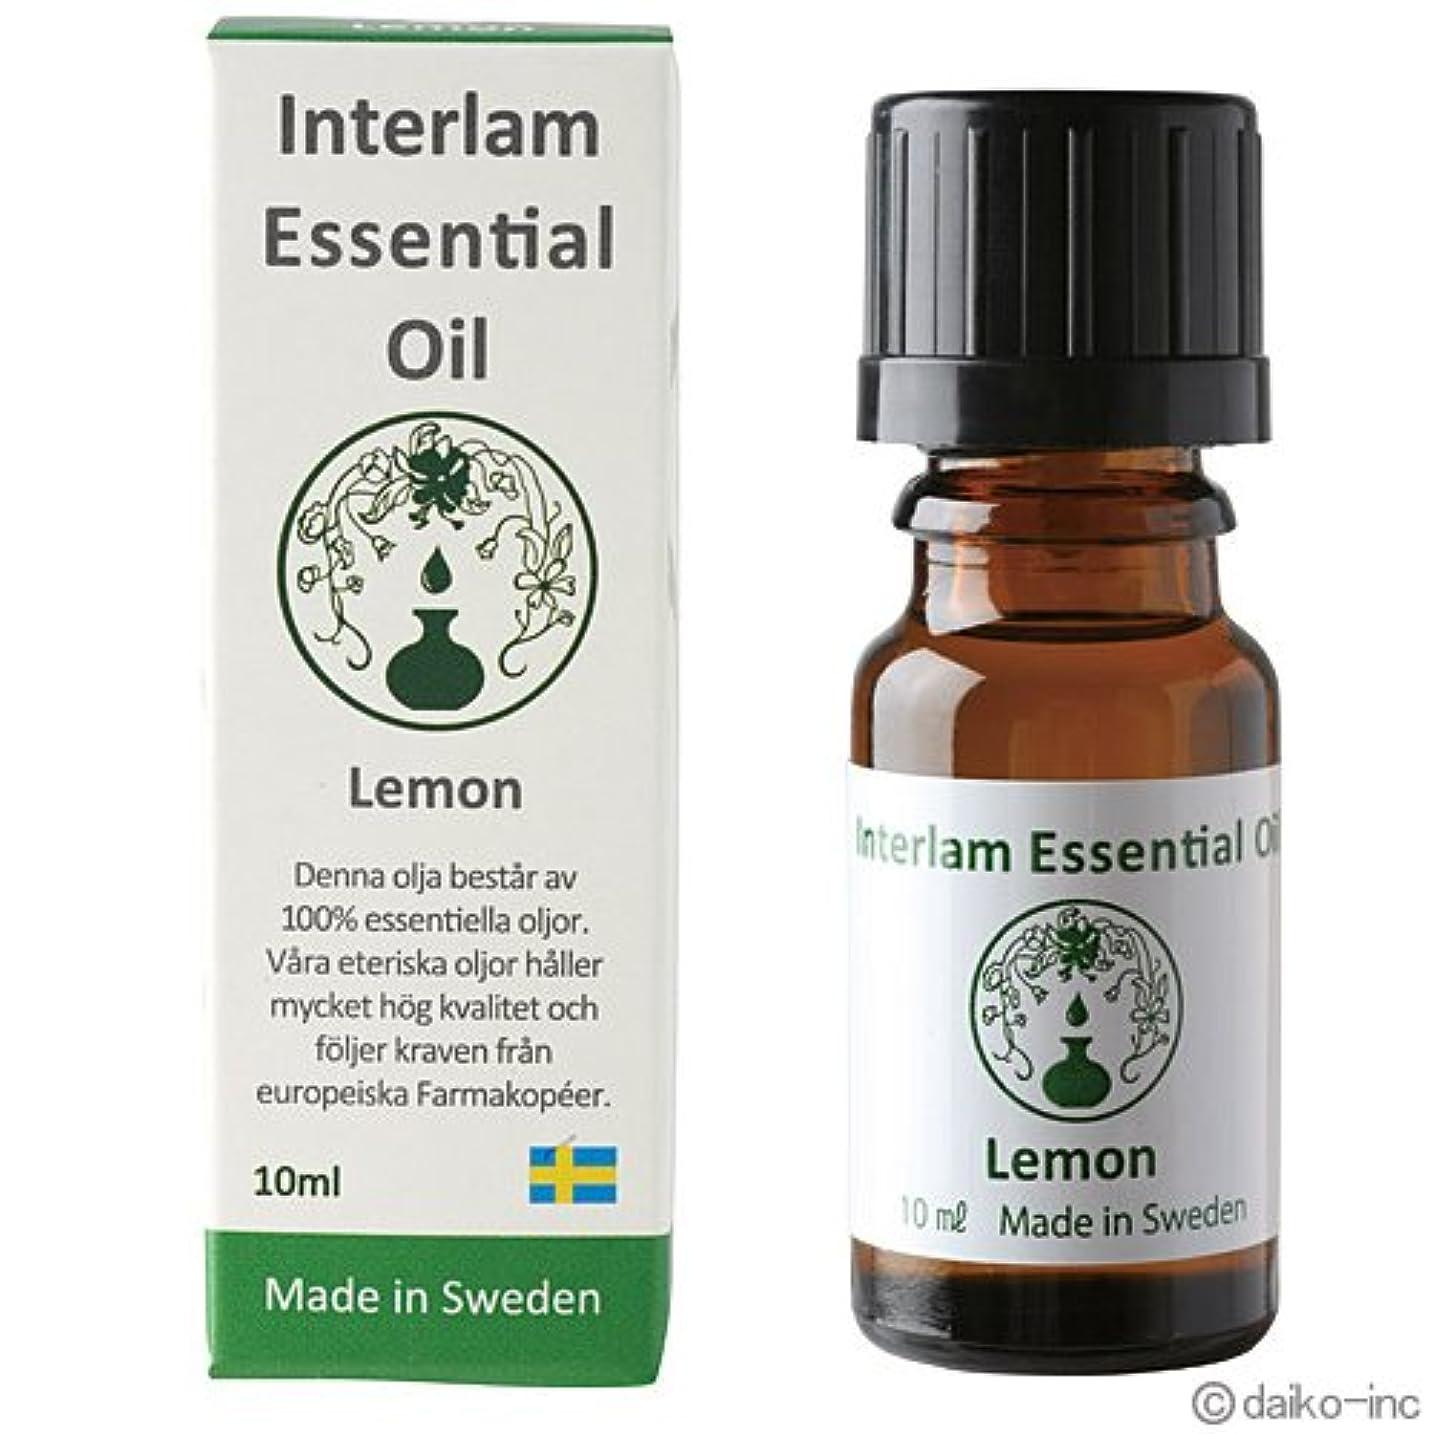 接尾辞戦い印象Interlam Essential Oil レモン 10ml